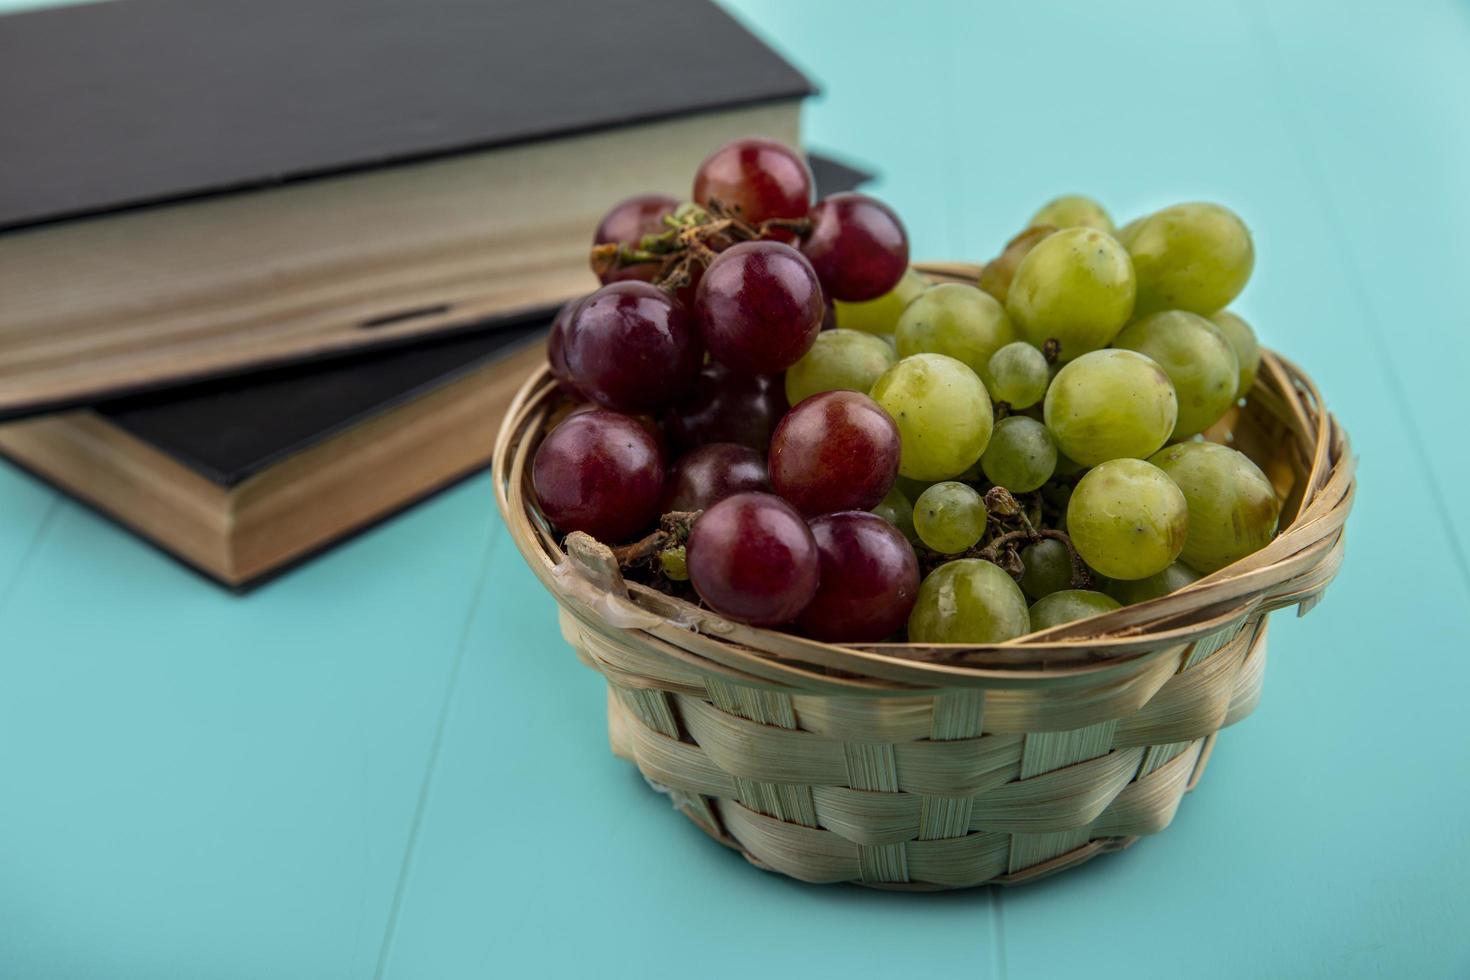 uva nel carrello con libri su sfondo blu foto